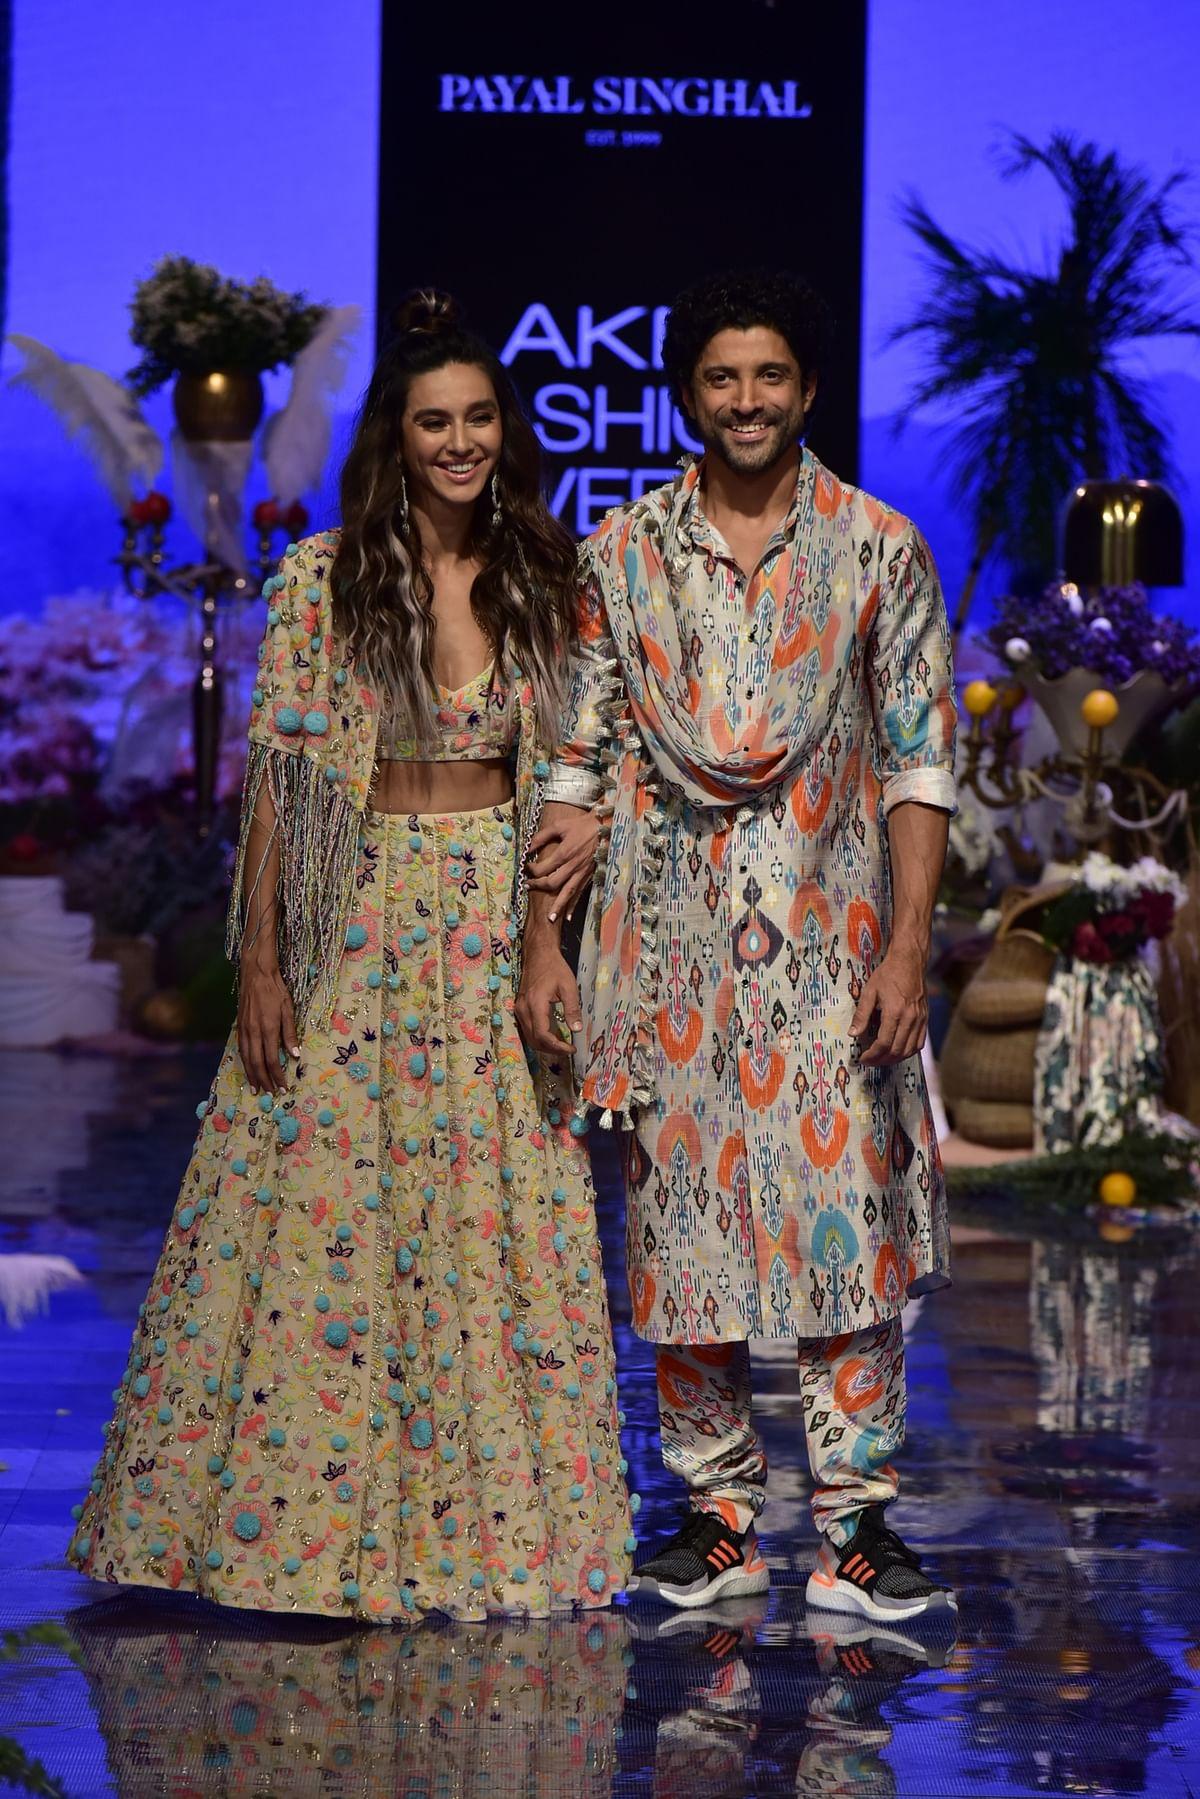 Shibani Dandekar and Farhan Akhtar